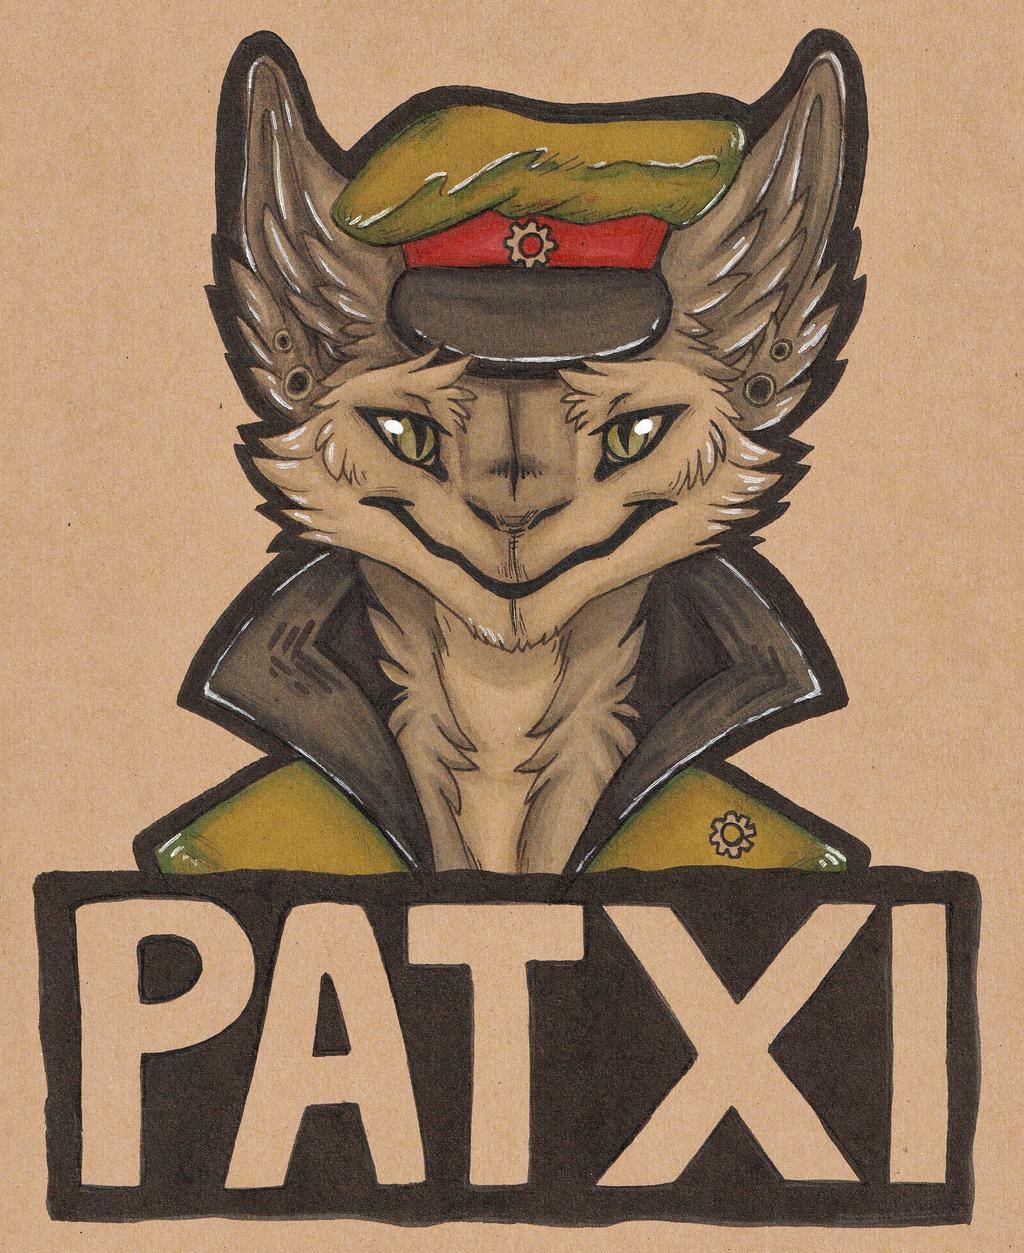 Most recent image: Patxi tonedpaper badge